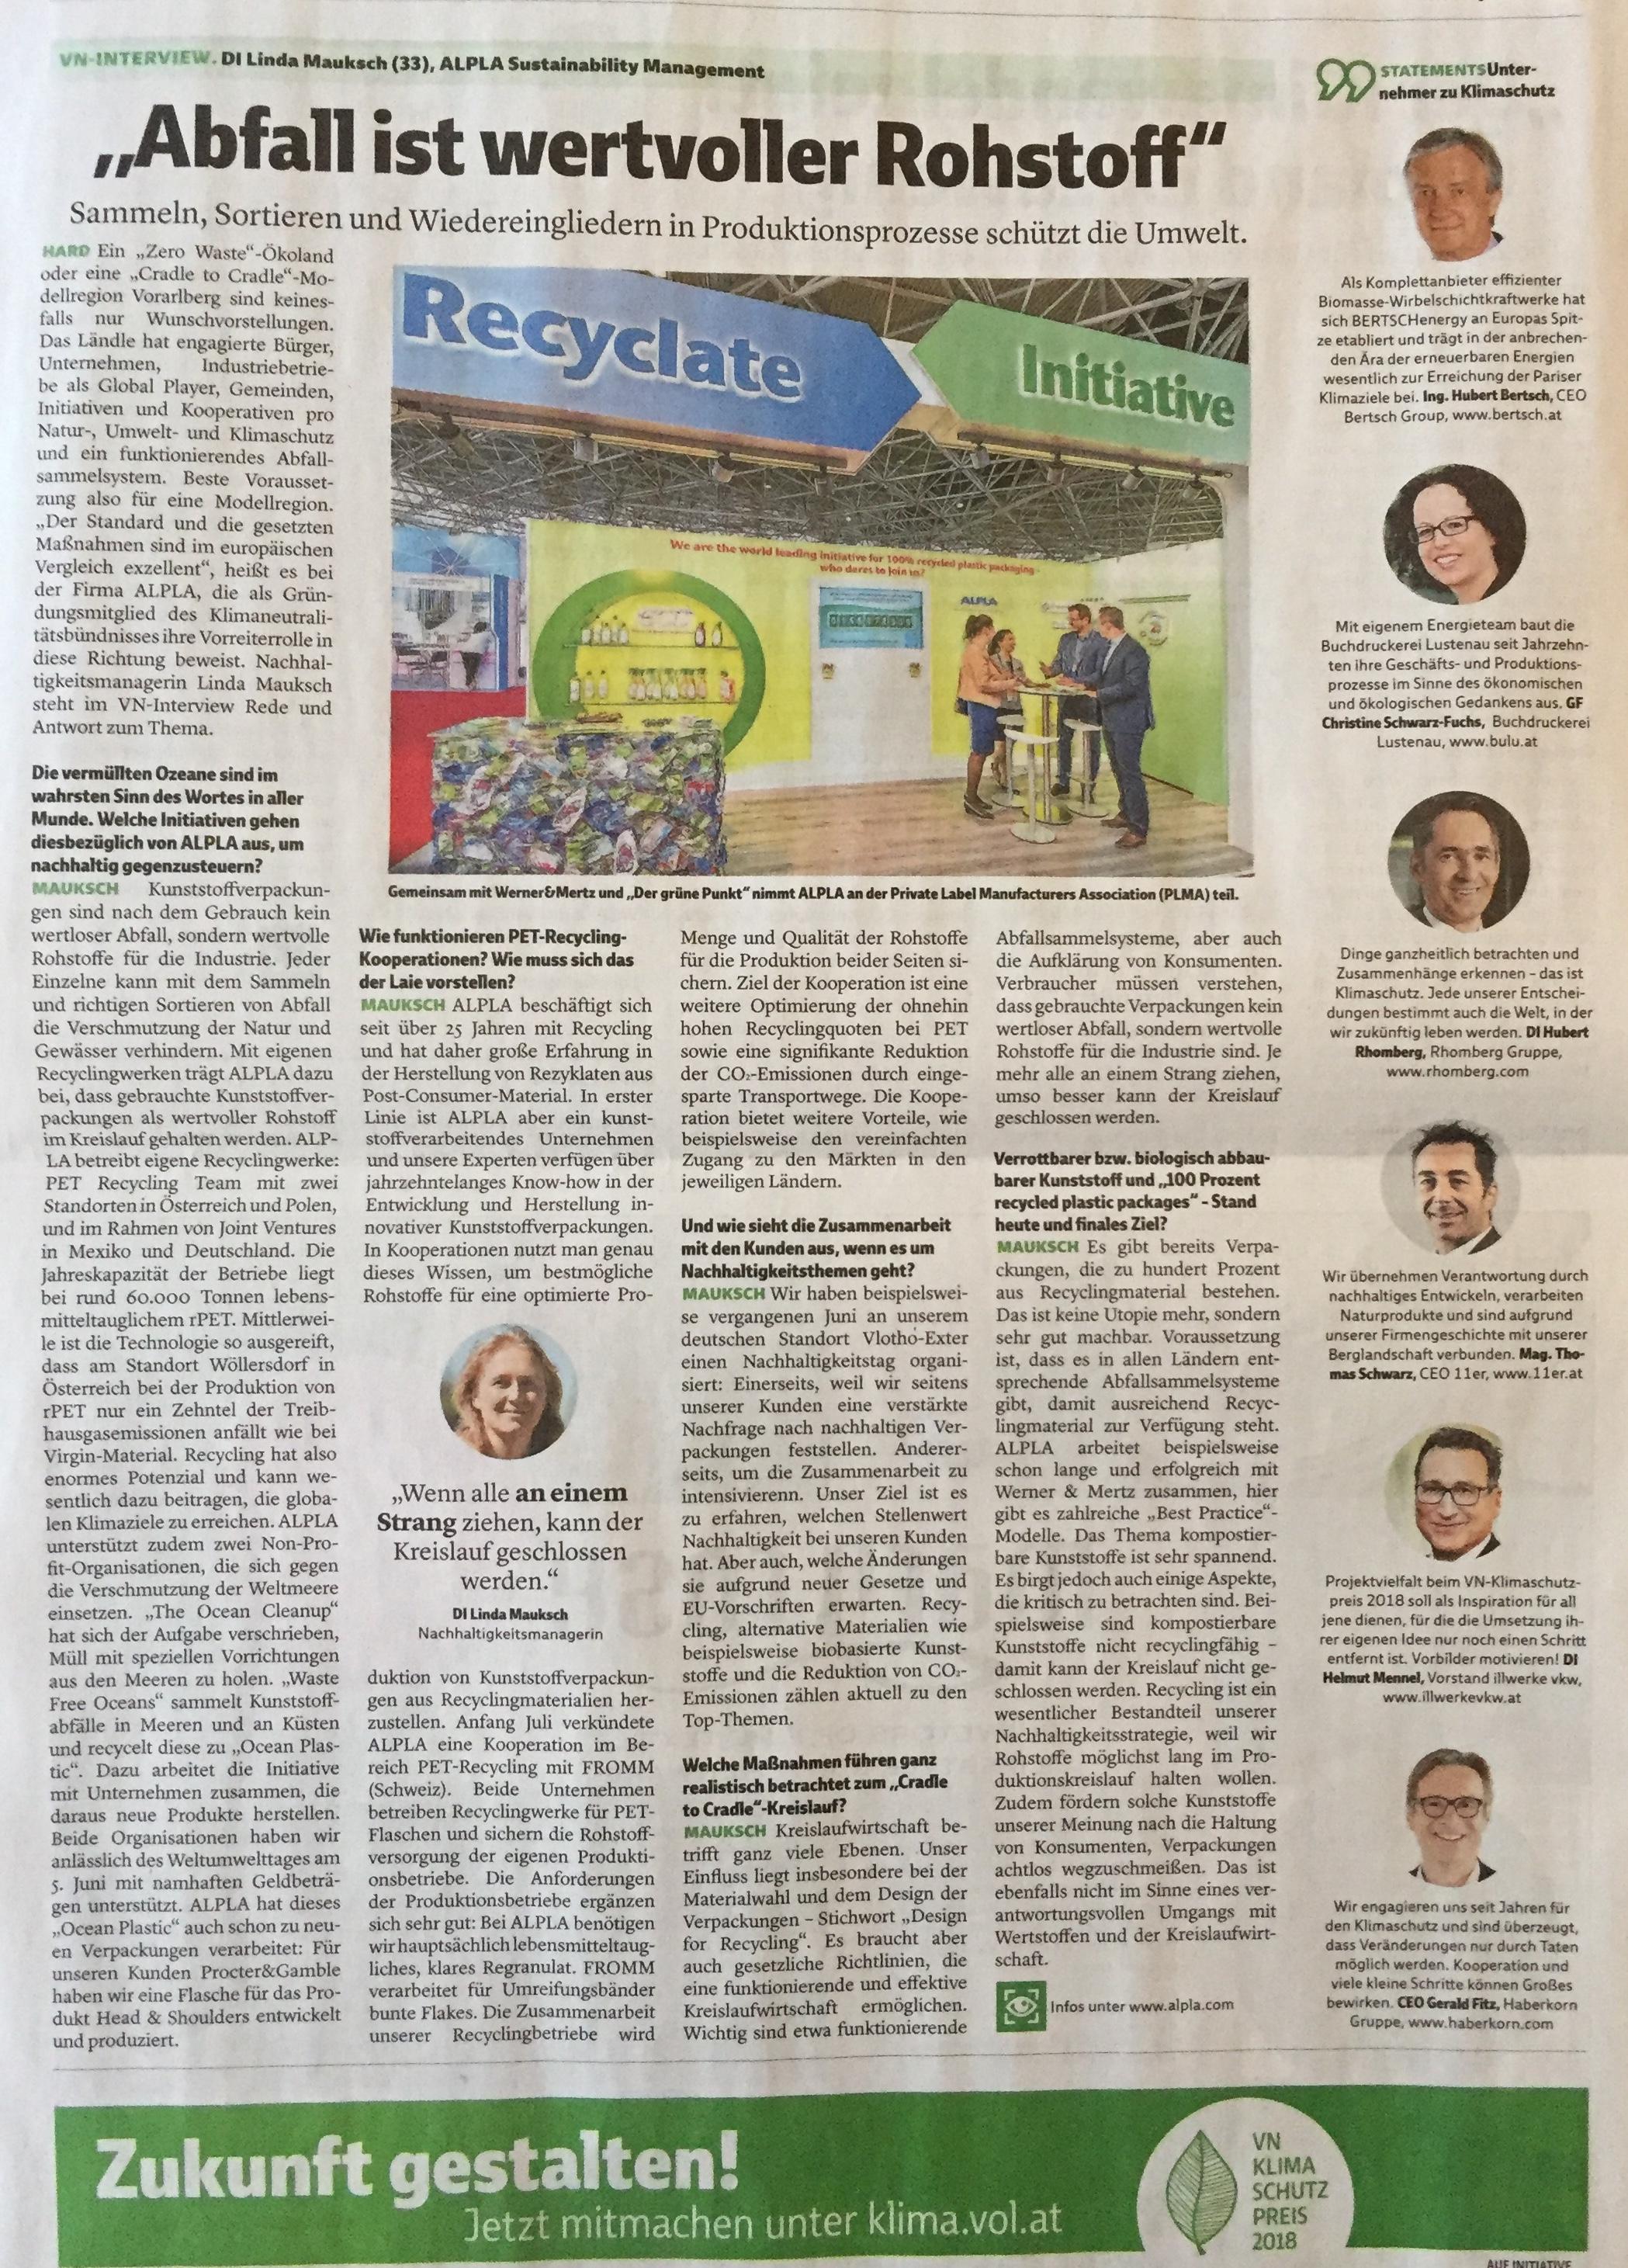 """Für innovative Unternehmen ist """"Abfall wertvoller Rohstoff"""". Die Wiedereingliederung von Abfall in Produktionsprozesse schützt die Umwelt. Artikel in der Extra-Ausgabe der Vorarlberger Nachrichten """"WERTVOLL - ökologische Initiativen für eine lebenswerte Zukunft"""", von Verena Daum www.progression.at"""